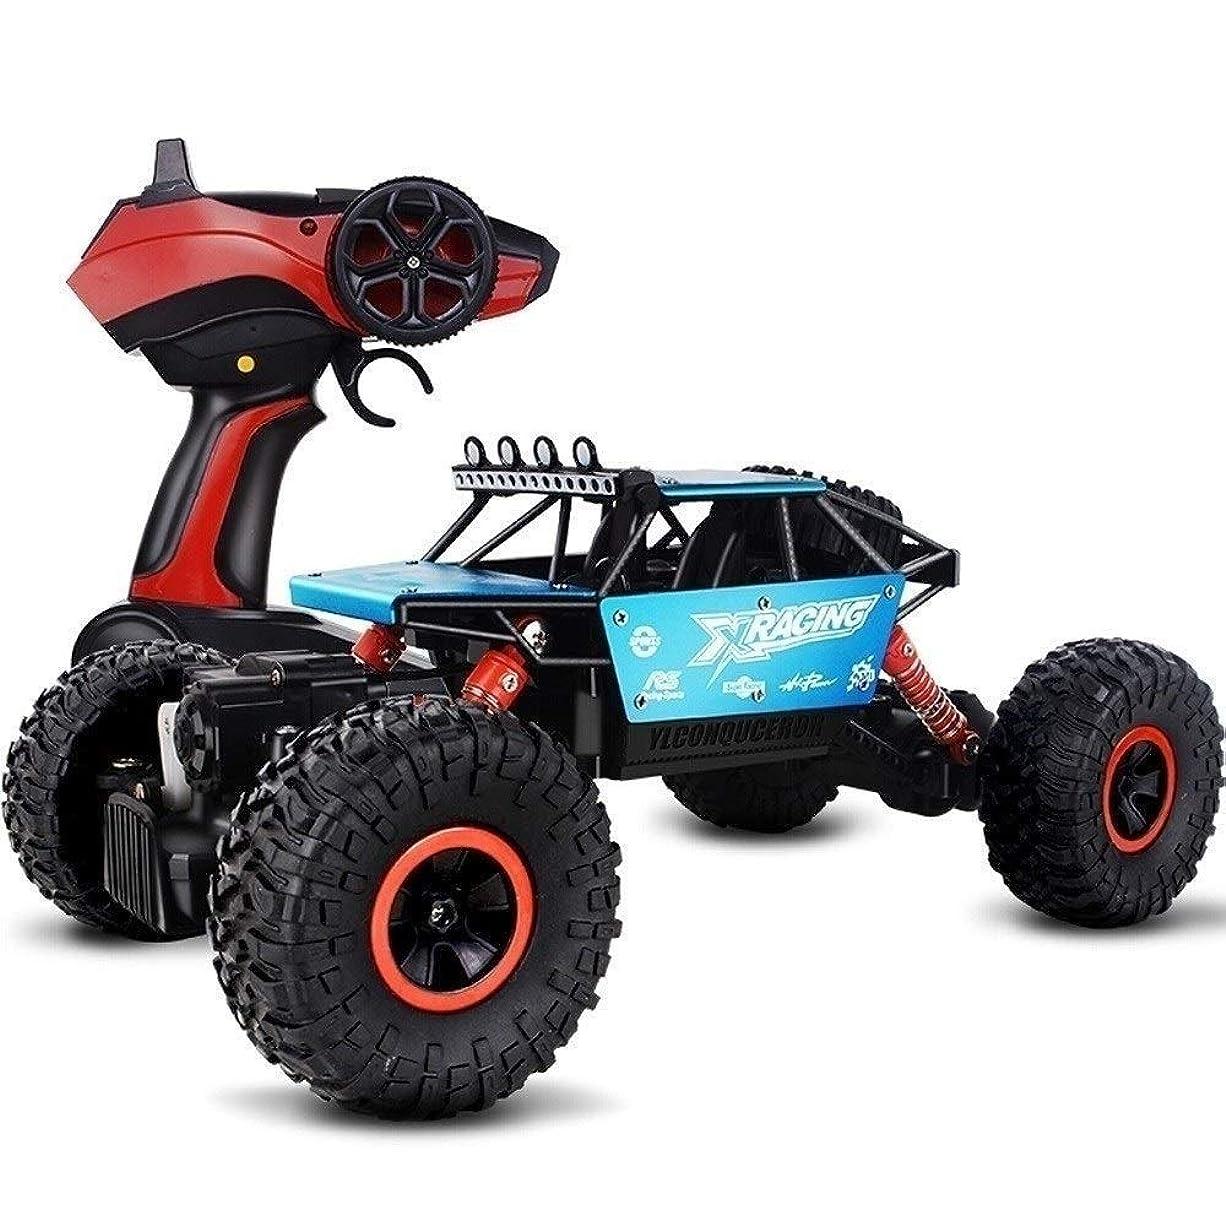 落とし穴素人教室SSBH 大型電動リモートコントロールカーSUV 4輪駆動キッズ大人幼児の男の子女の子のギフトのためにトラック子供のおもちゃのオフロード車両充電ビッグフットクライミングレーシングクライミング